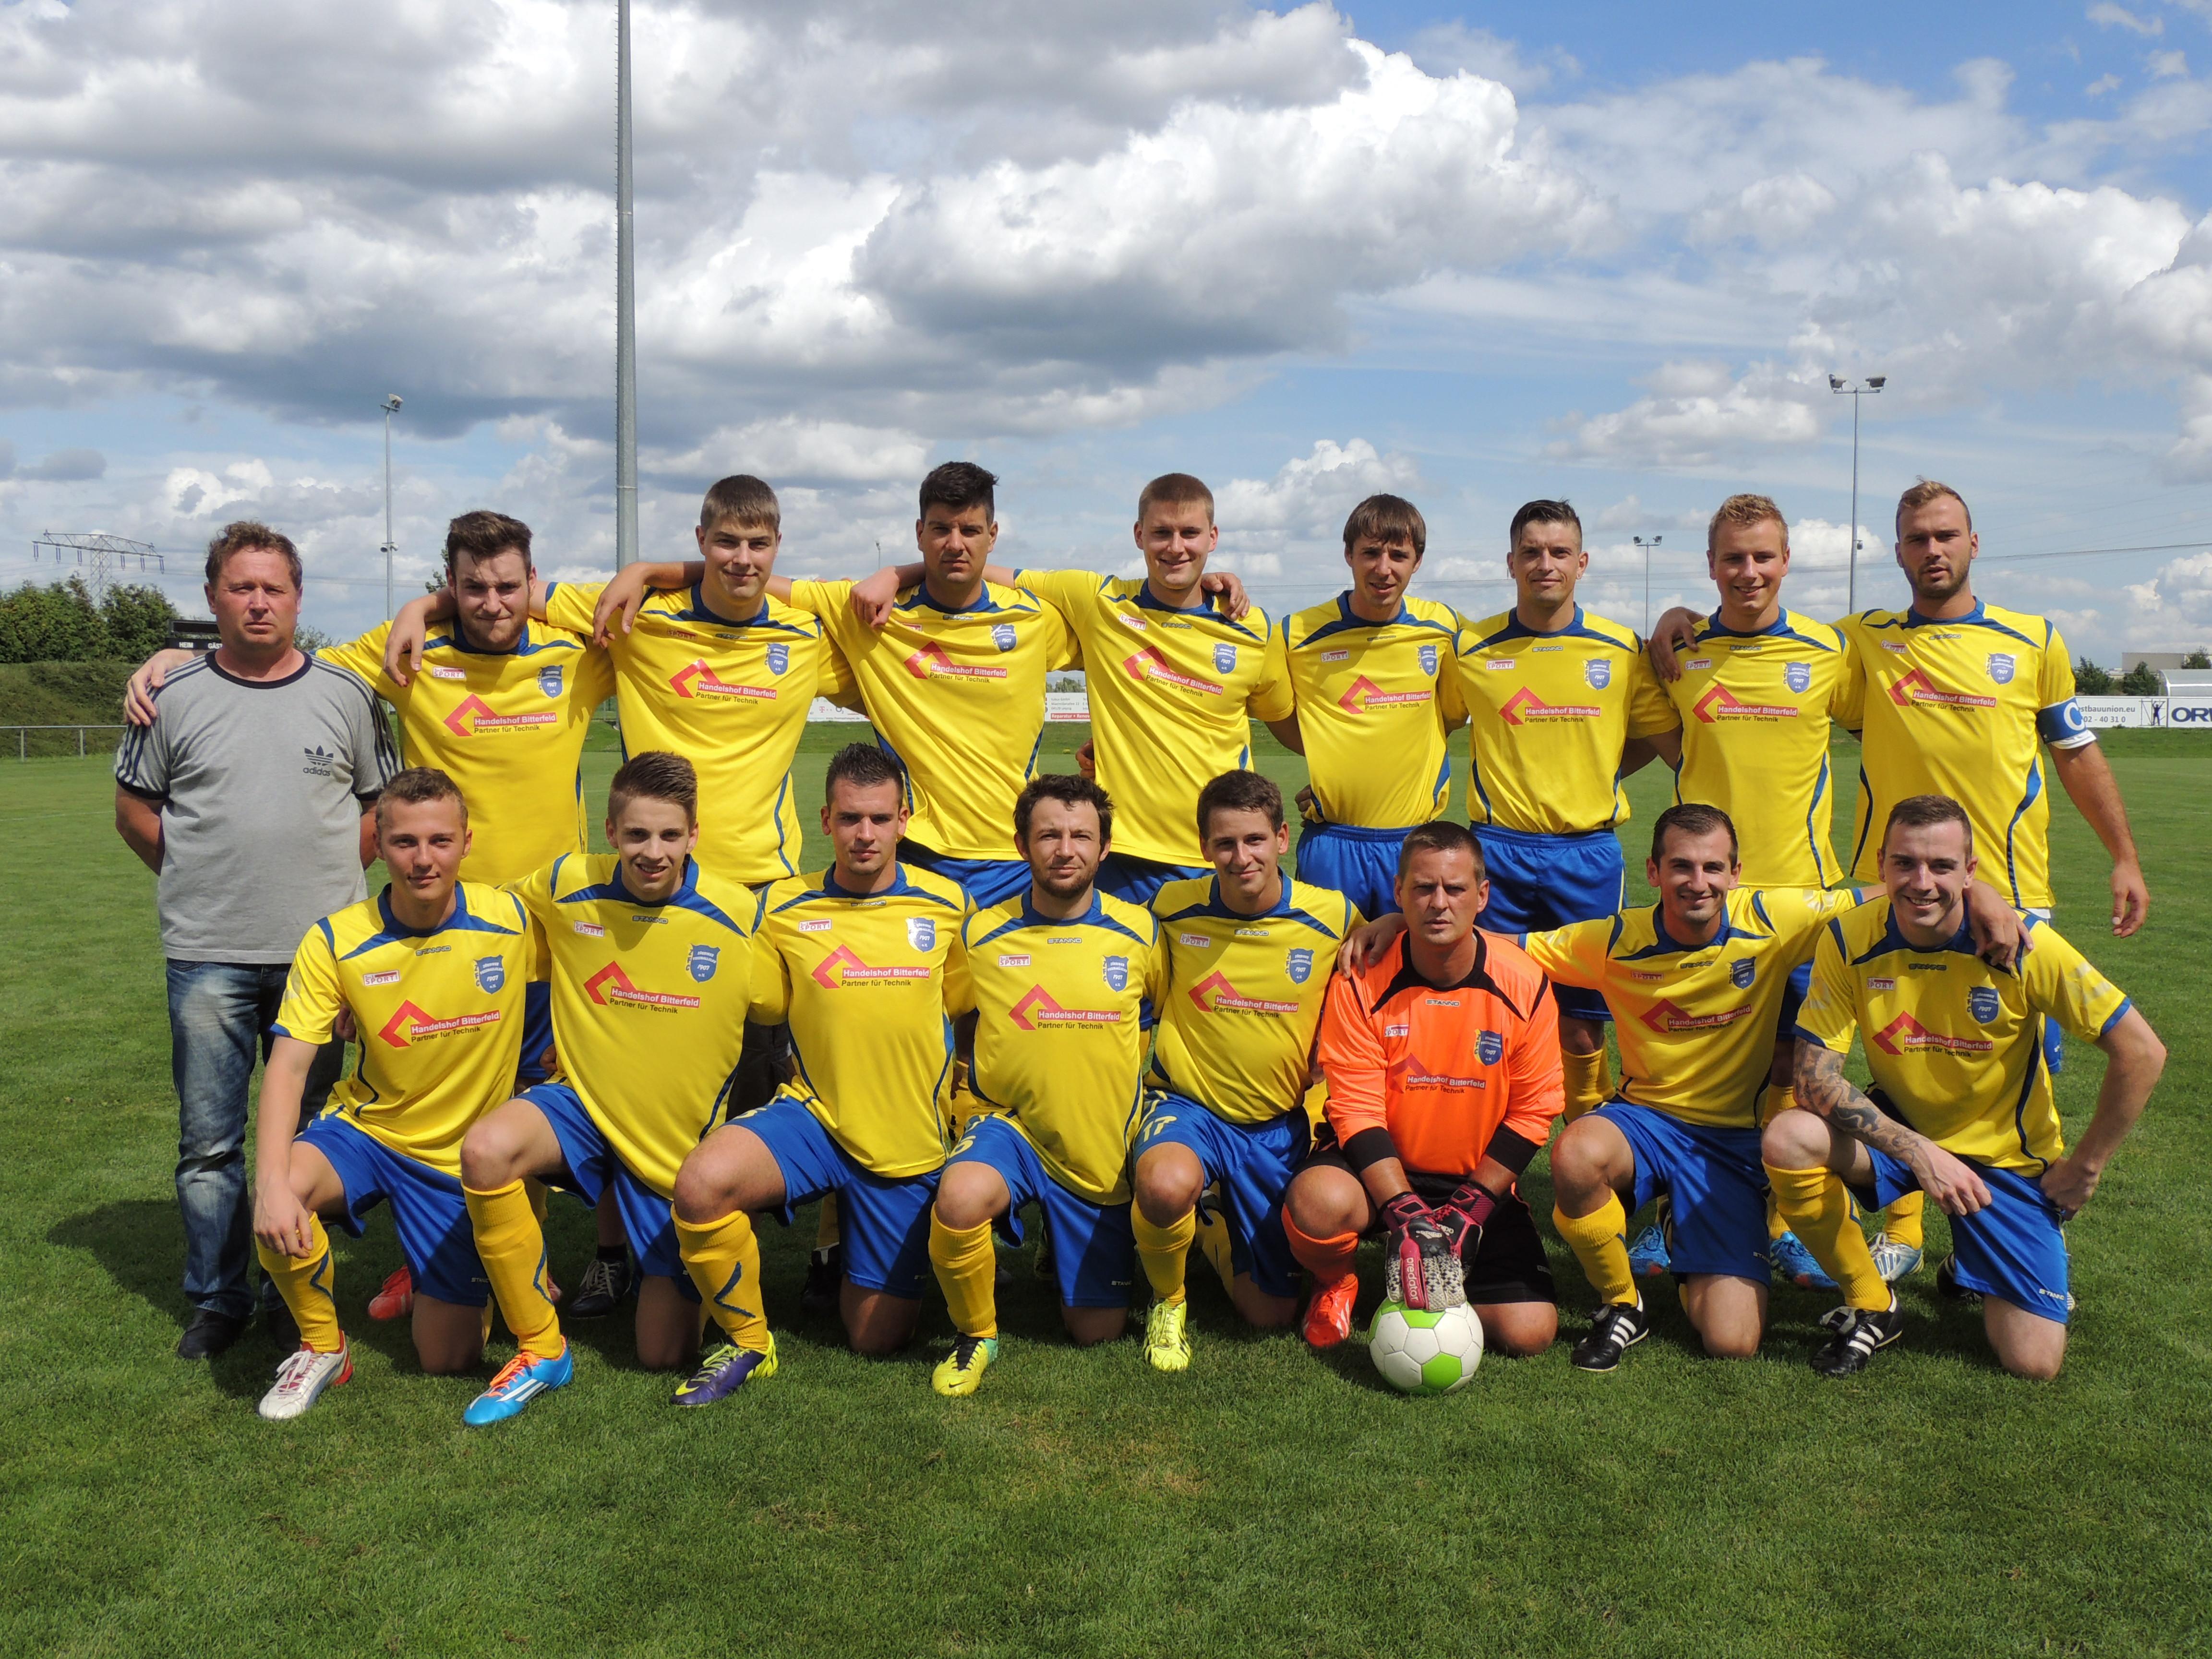 Erste Mannschaft Saison 2014/15